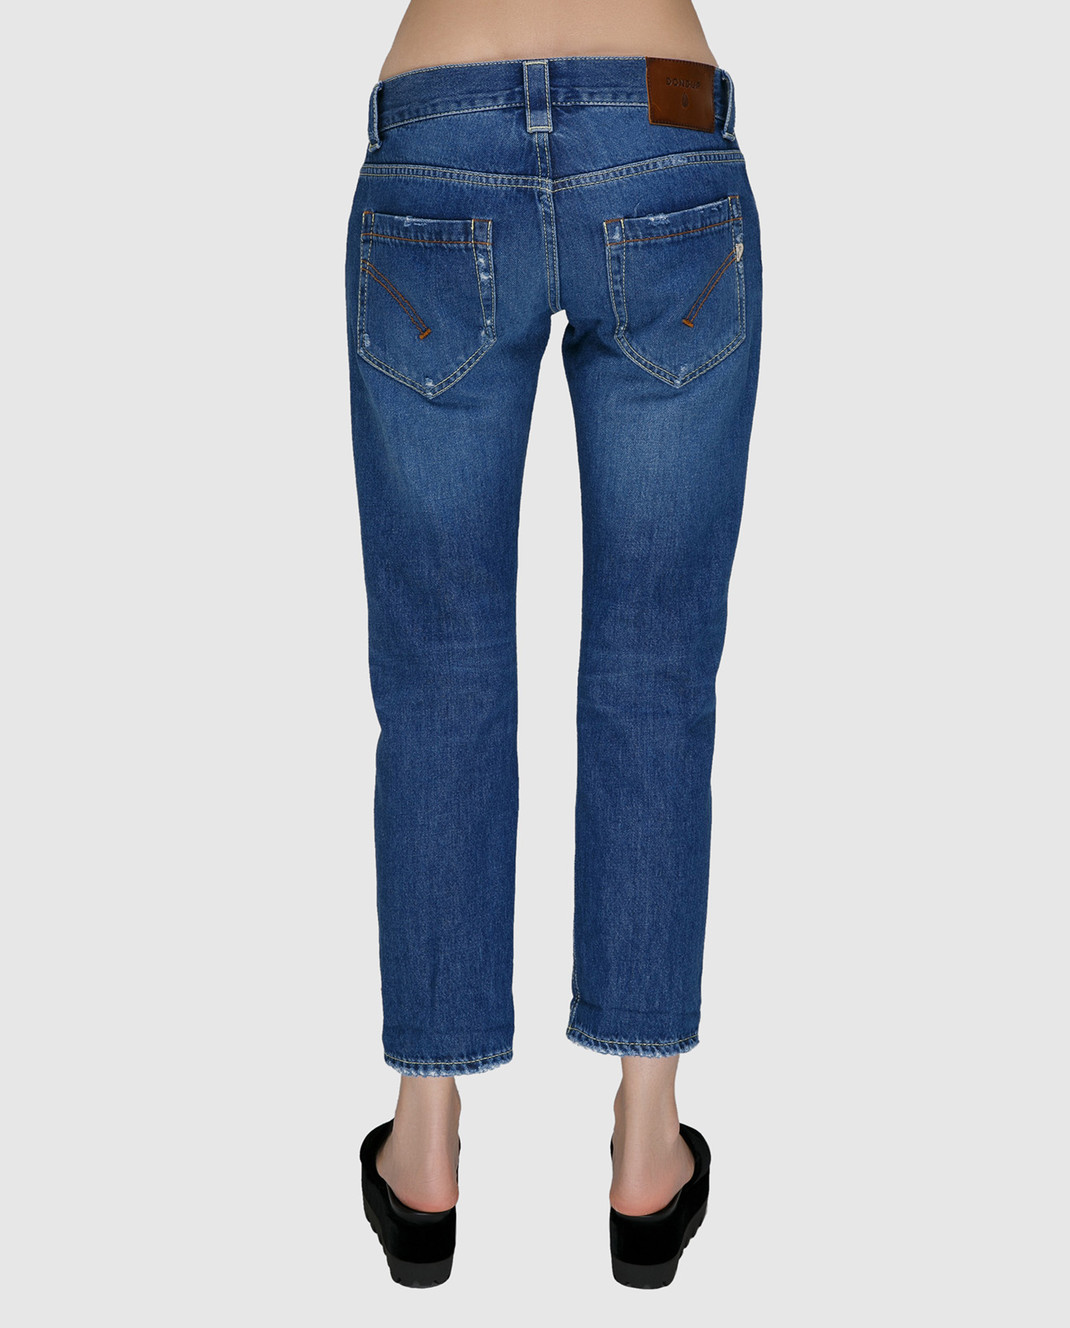 Dondup Синие джинсы P857DF142DO67 изображение 4